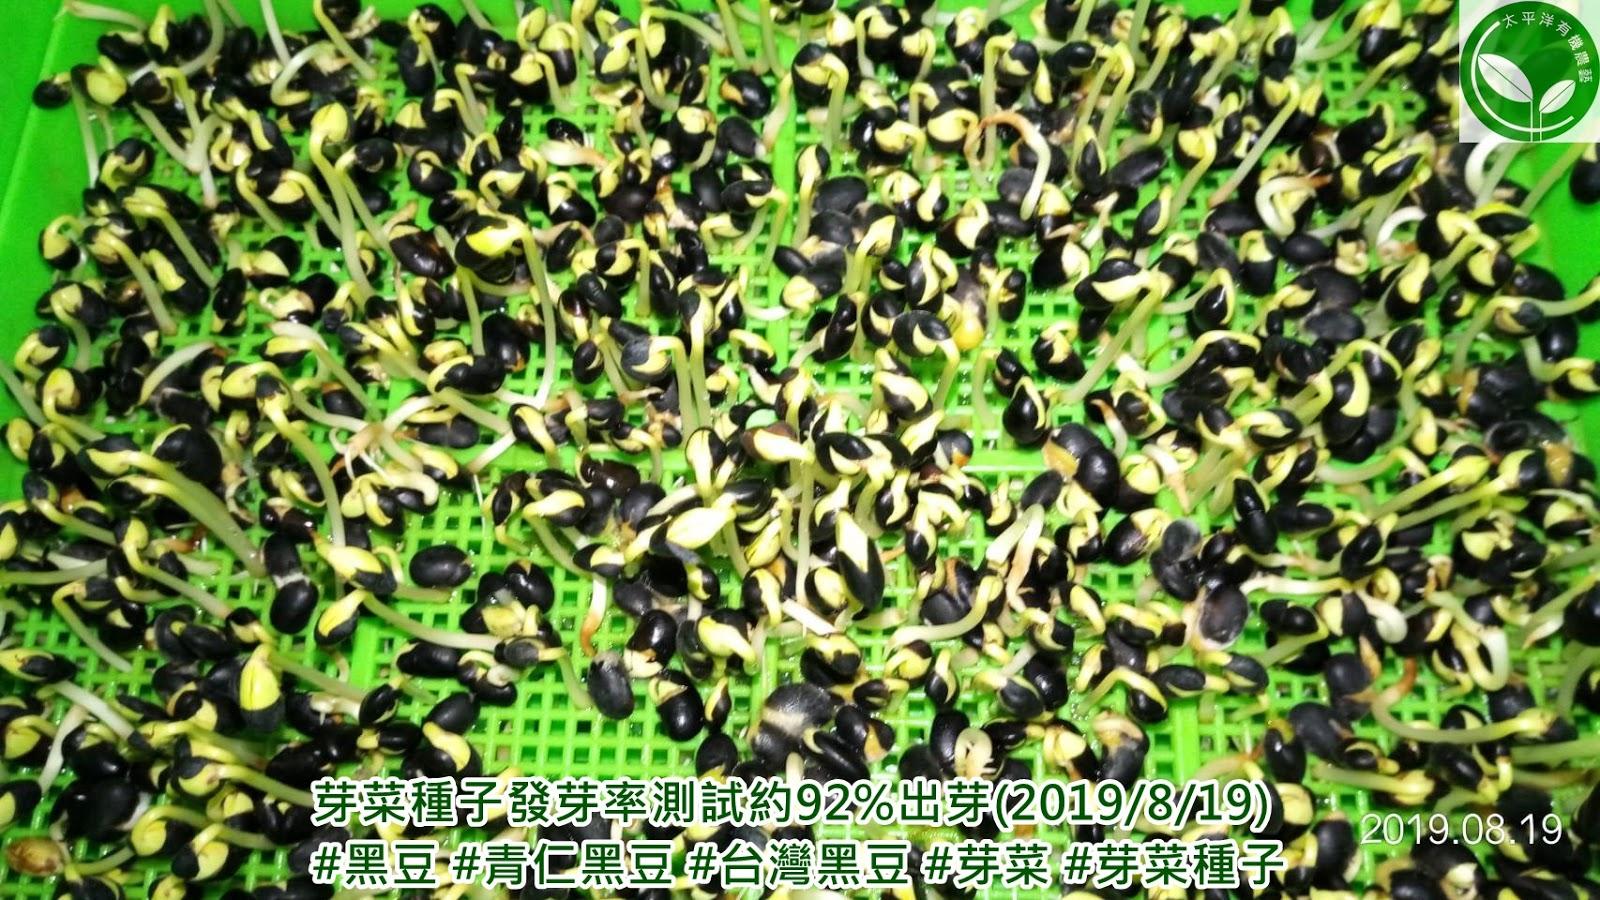 黑豆,黑豆茶怎麼泡,台灣黑豆批發,青仁黑豆茶,黑豆水的煮法,黑豆發芽時間,台灣青仁黑豆,如何煮黑豆水,黑豆種植與施肥,黑豆水怎麼煮